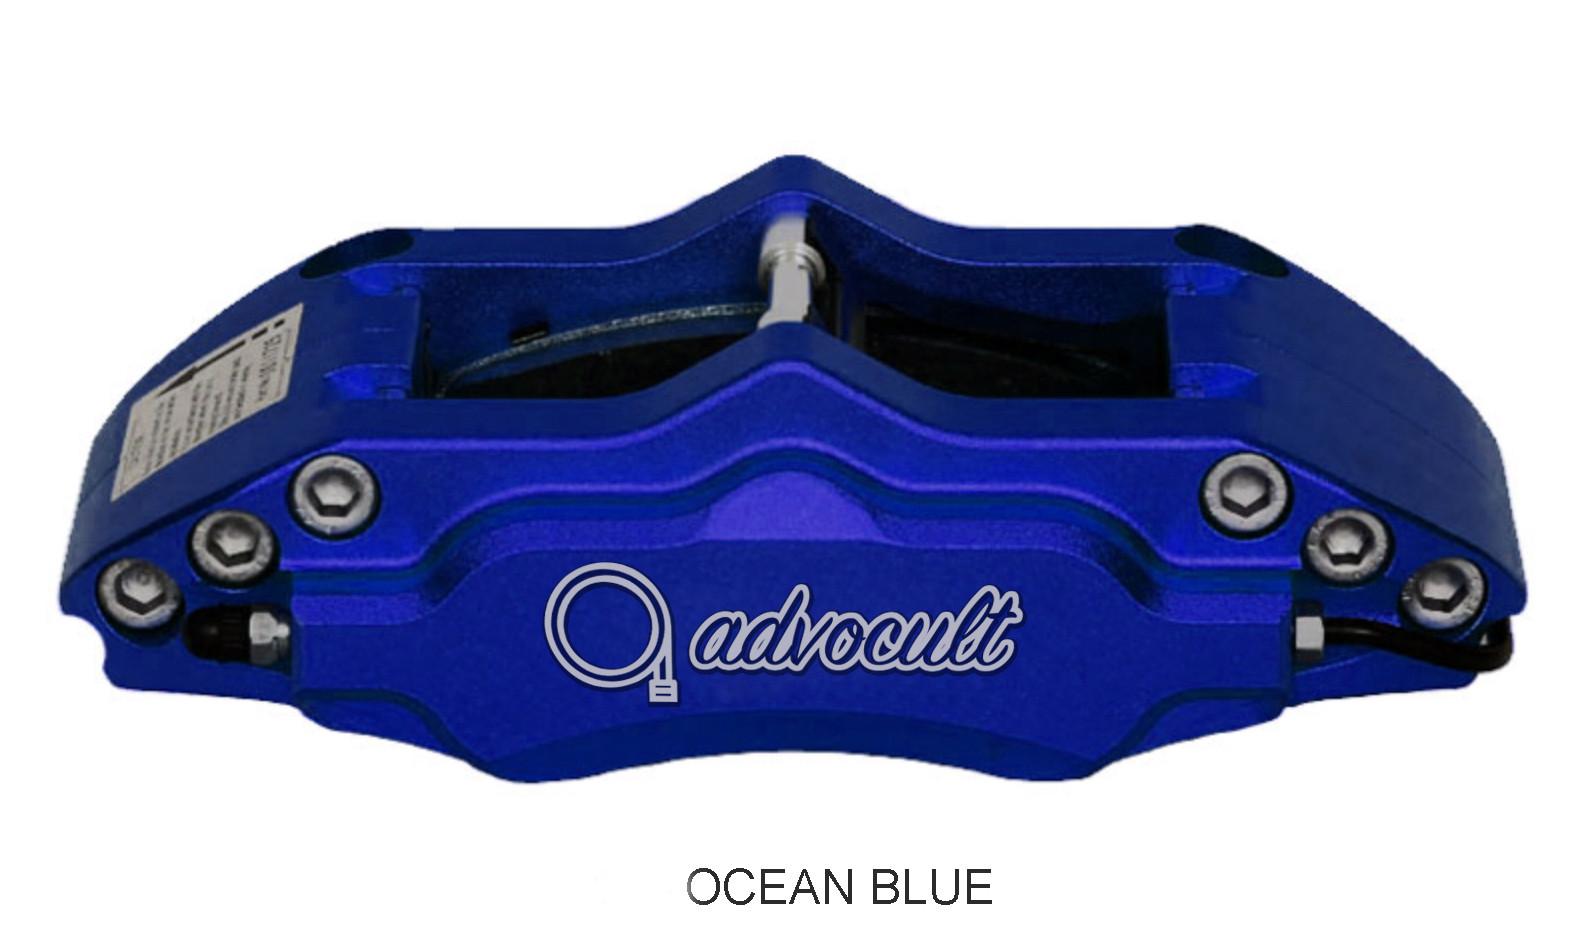 10 OCEAN BLUE.jpg